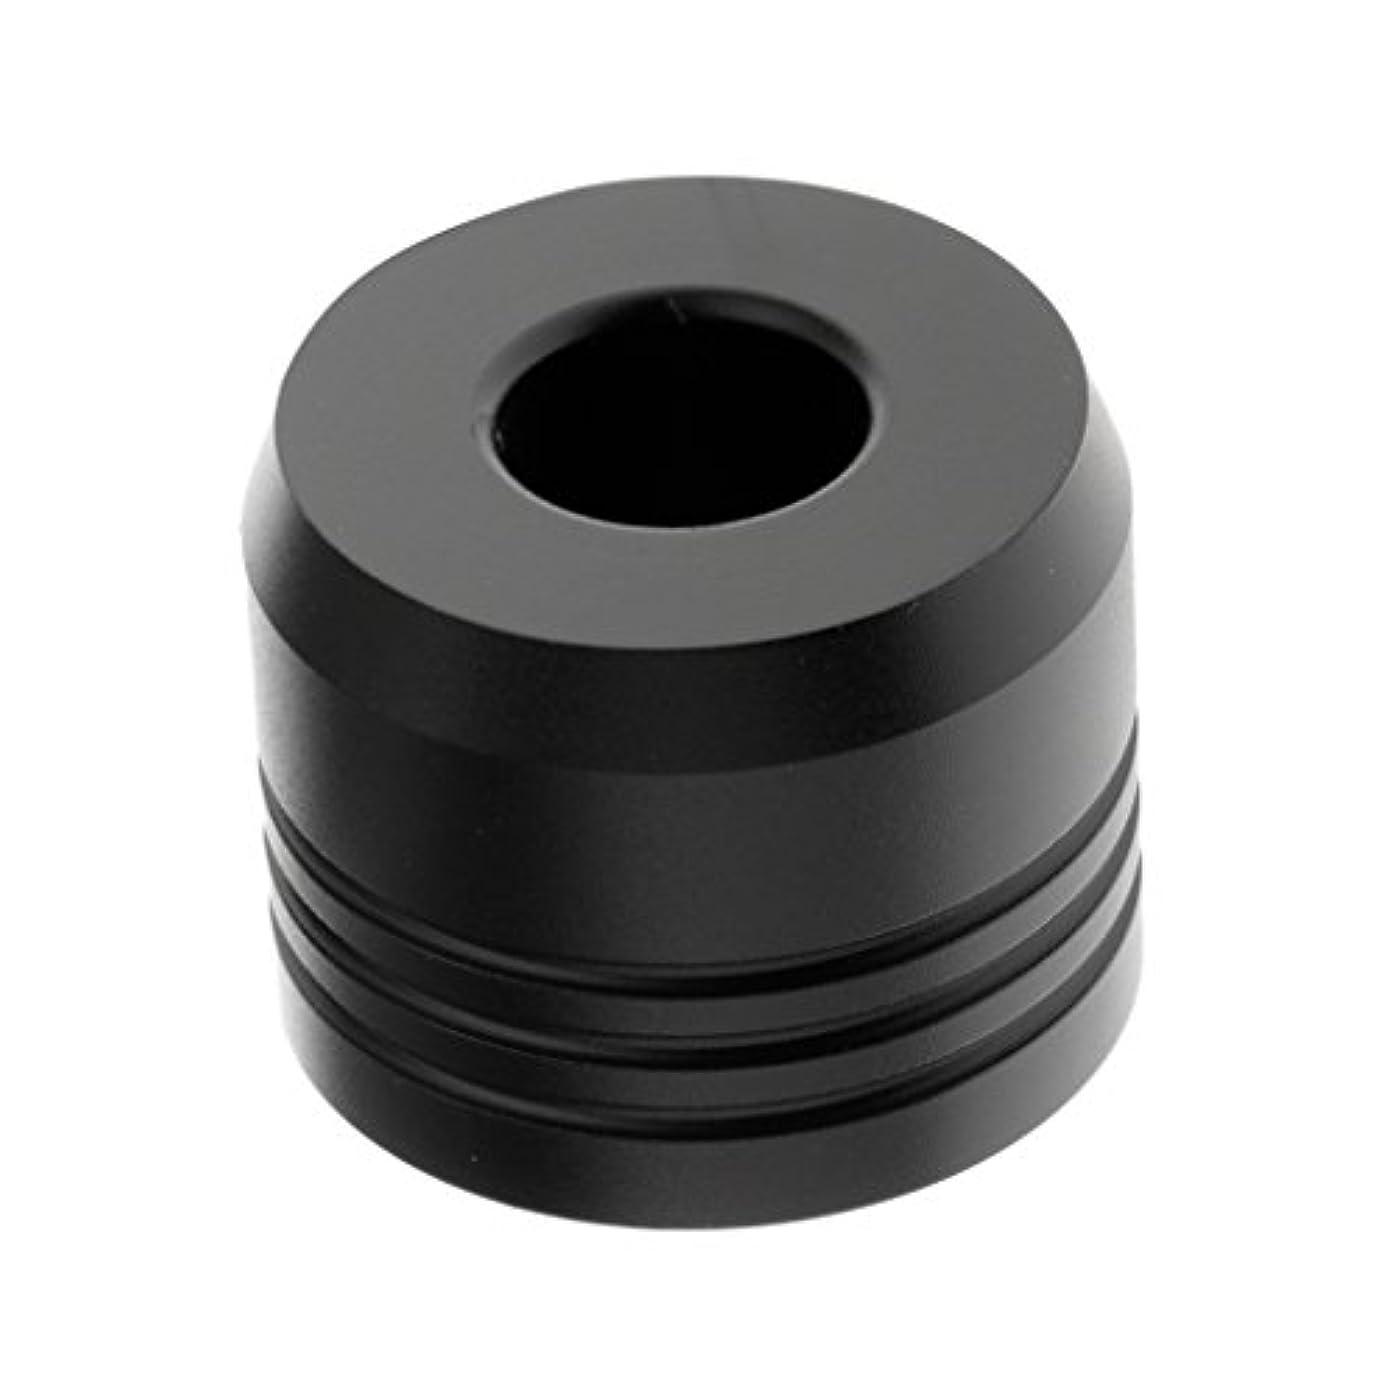 指標スイ時期尚早Kesoto セーフティカミソリスタンド スタンド メンズ シェービング カミソリホルダー サポート 調節可能 シェーバーベース 2色選べ   - ブラック